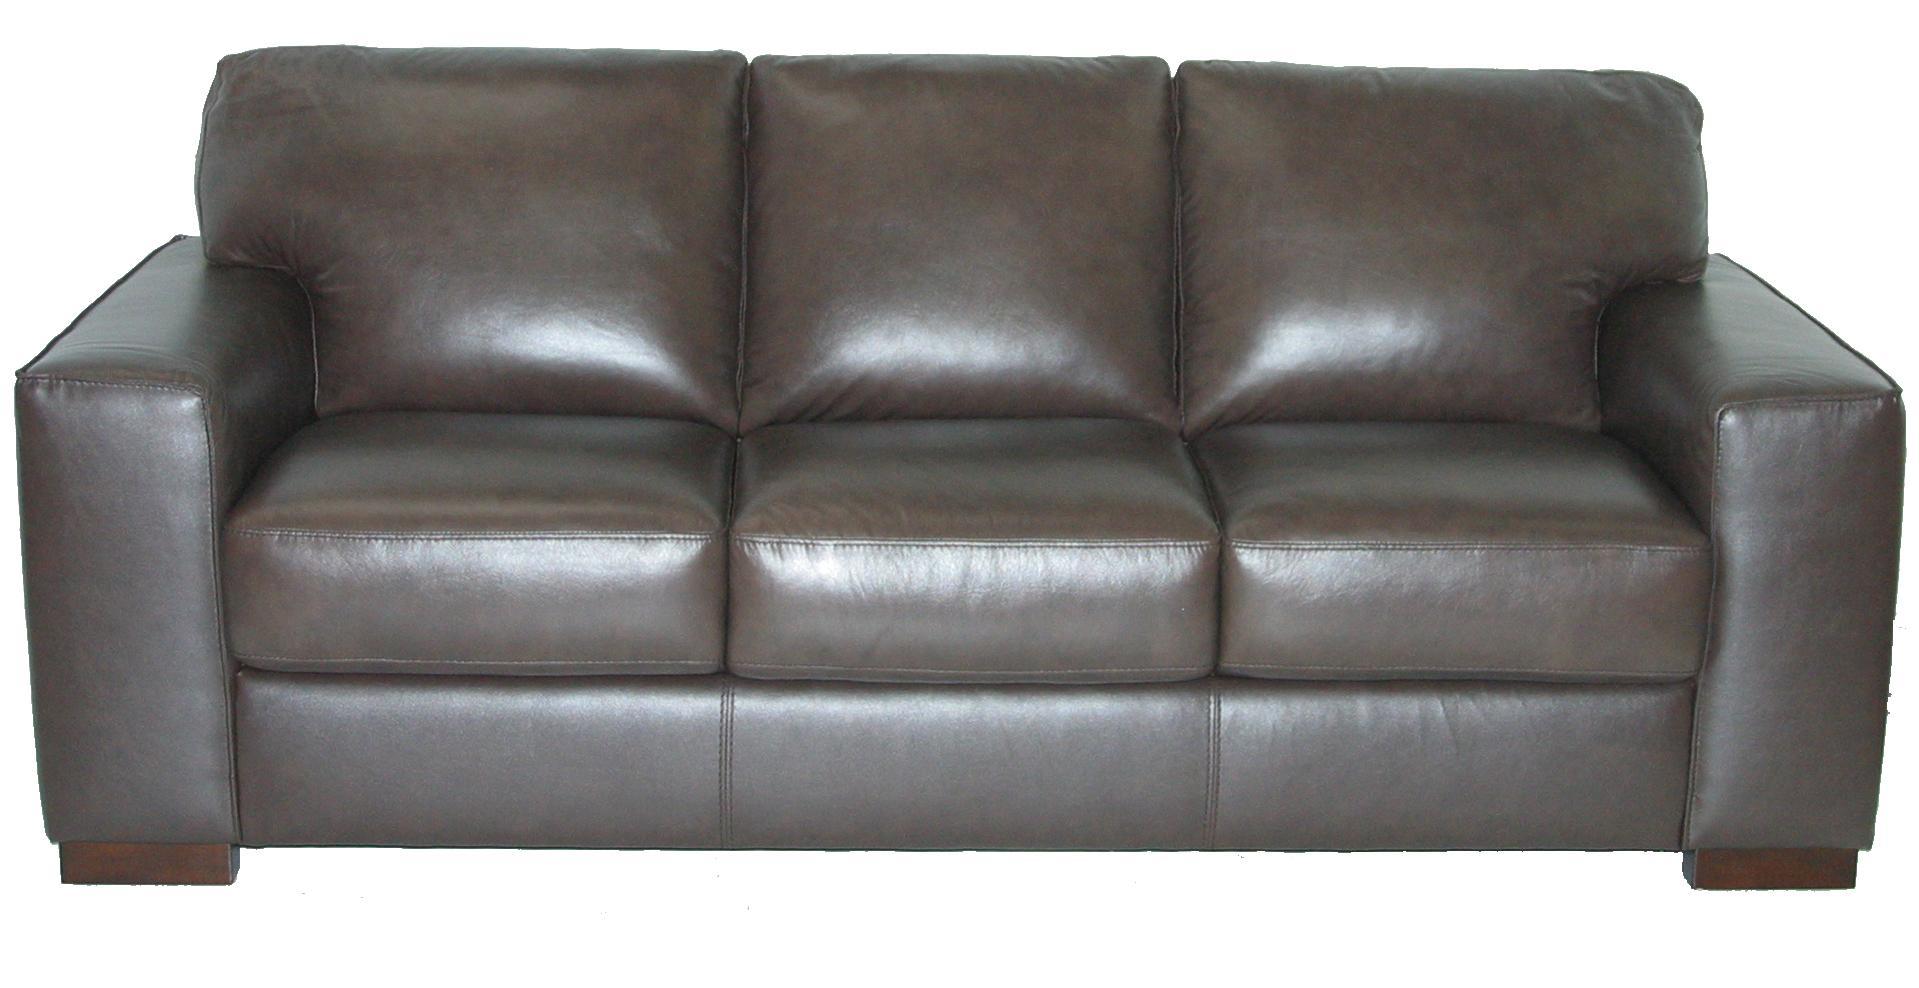 30480 Sofa by Violino at Dunk & Bright Furniture